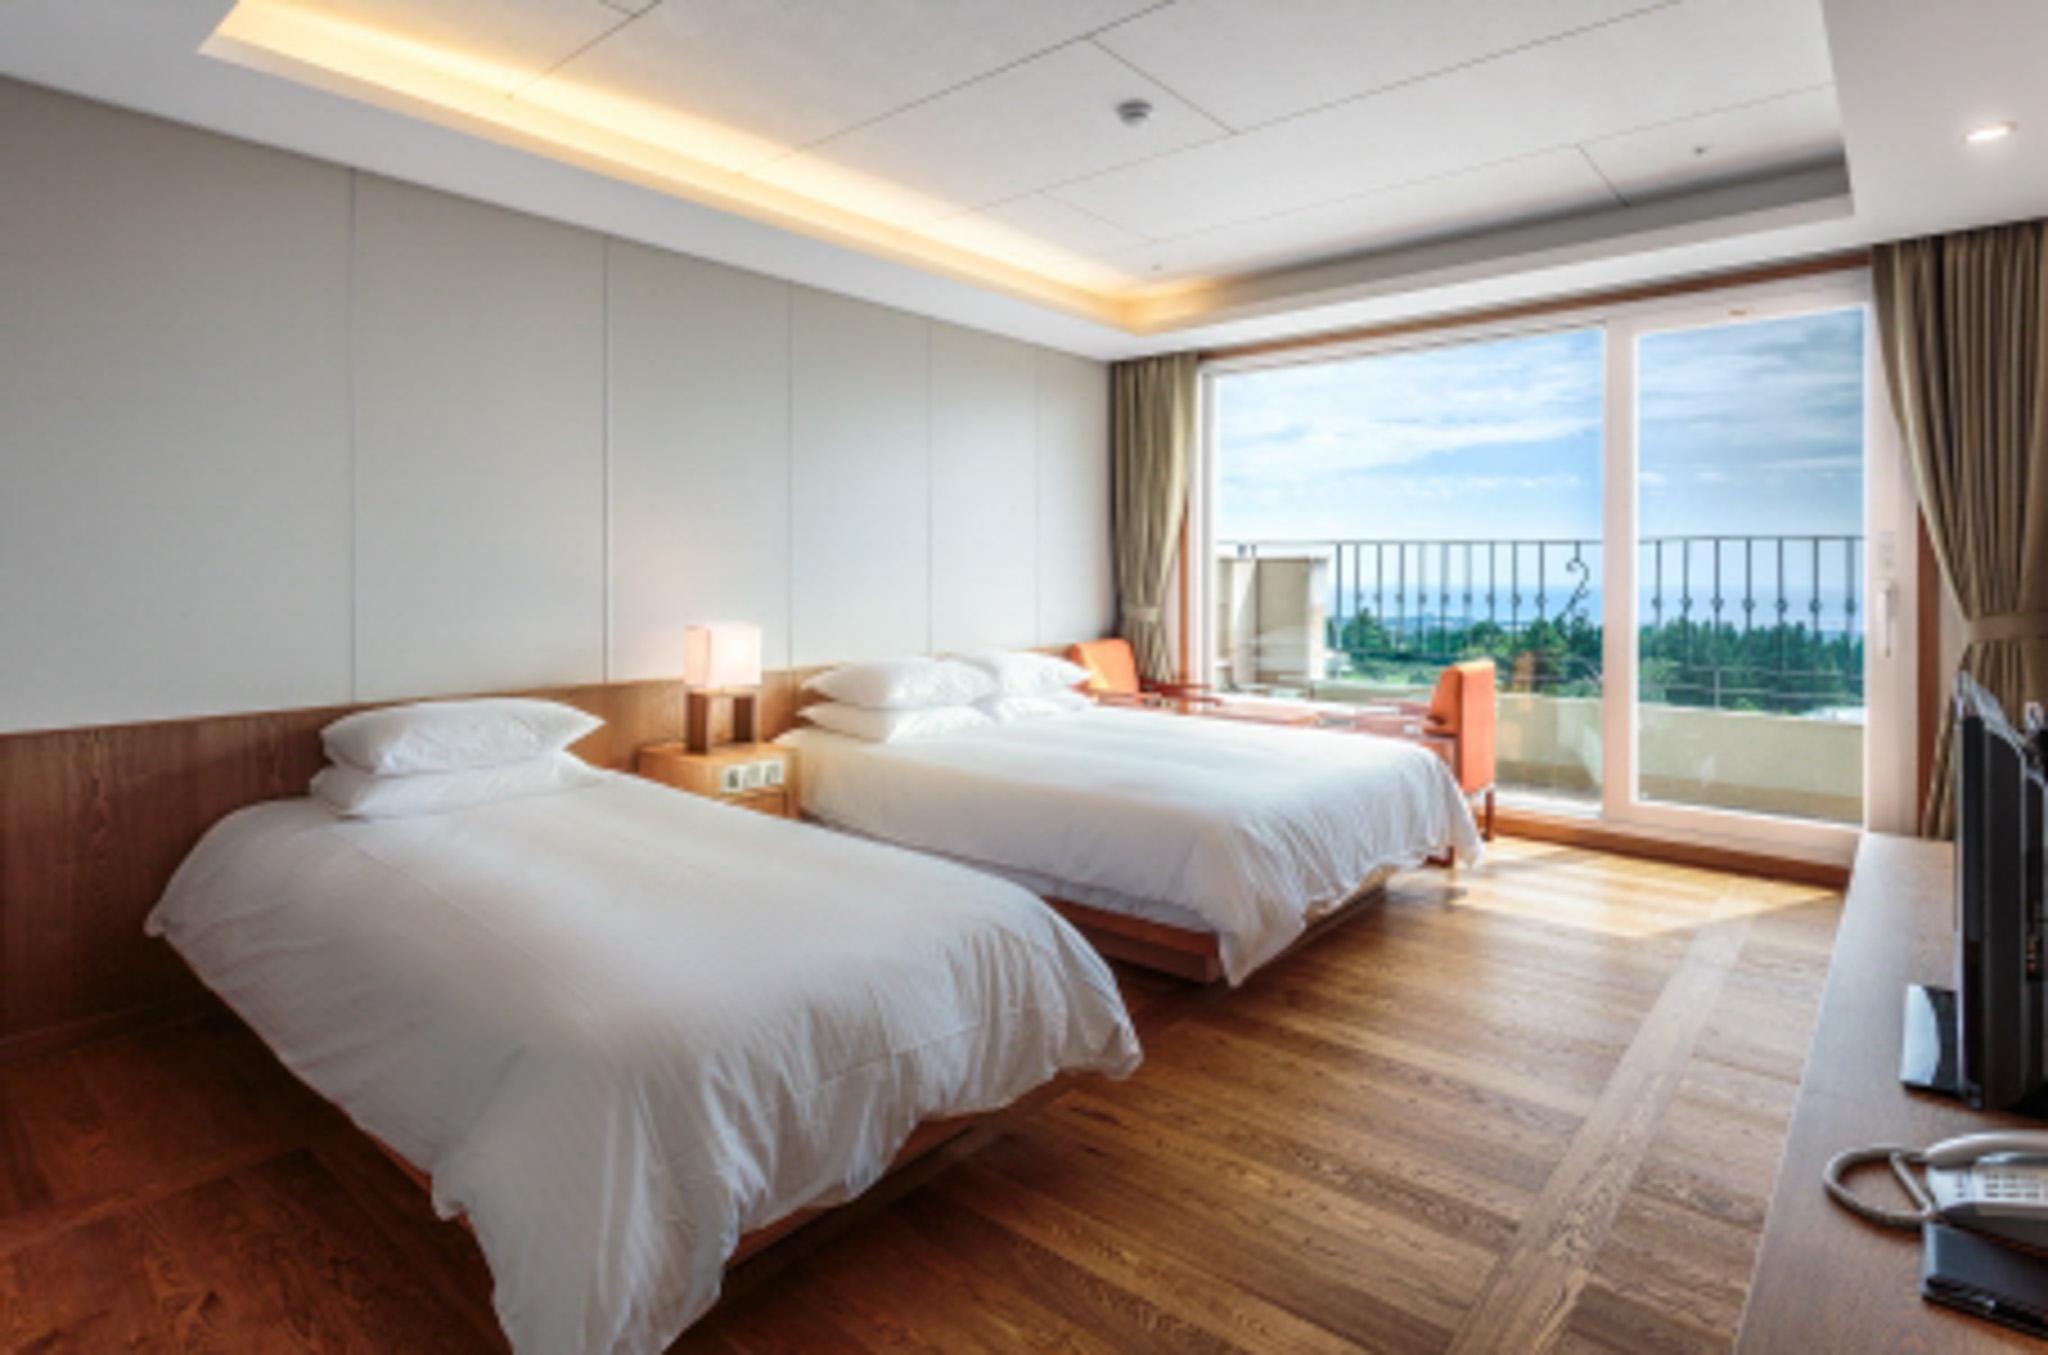 서귀포 토스카나 호텔 이미지1